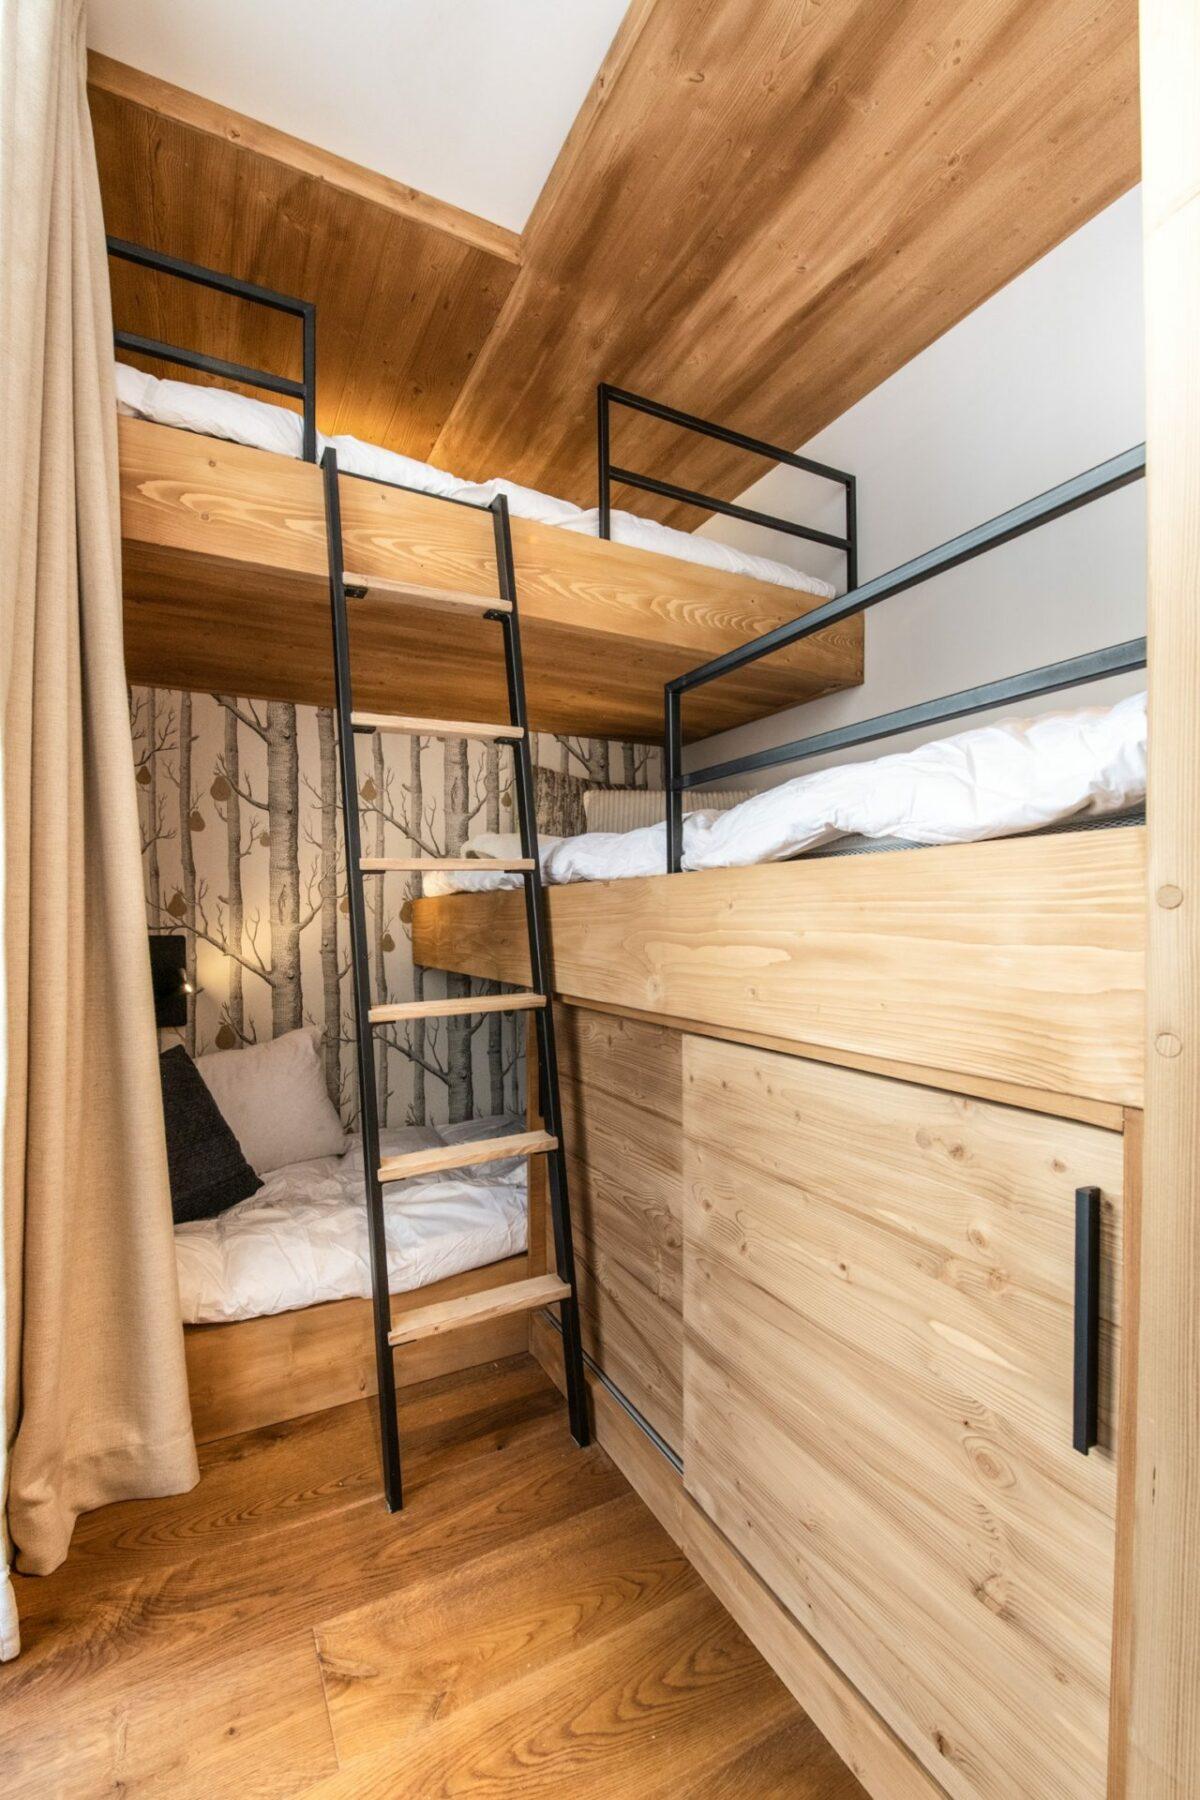 chambre trois enfant lit superposé bois massif métal moderne appartement ski Val d'Isère